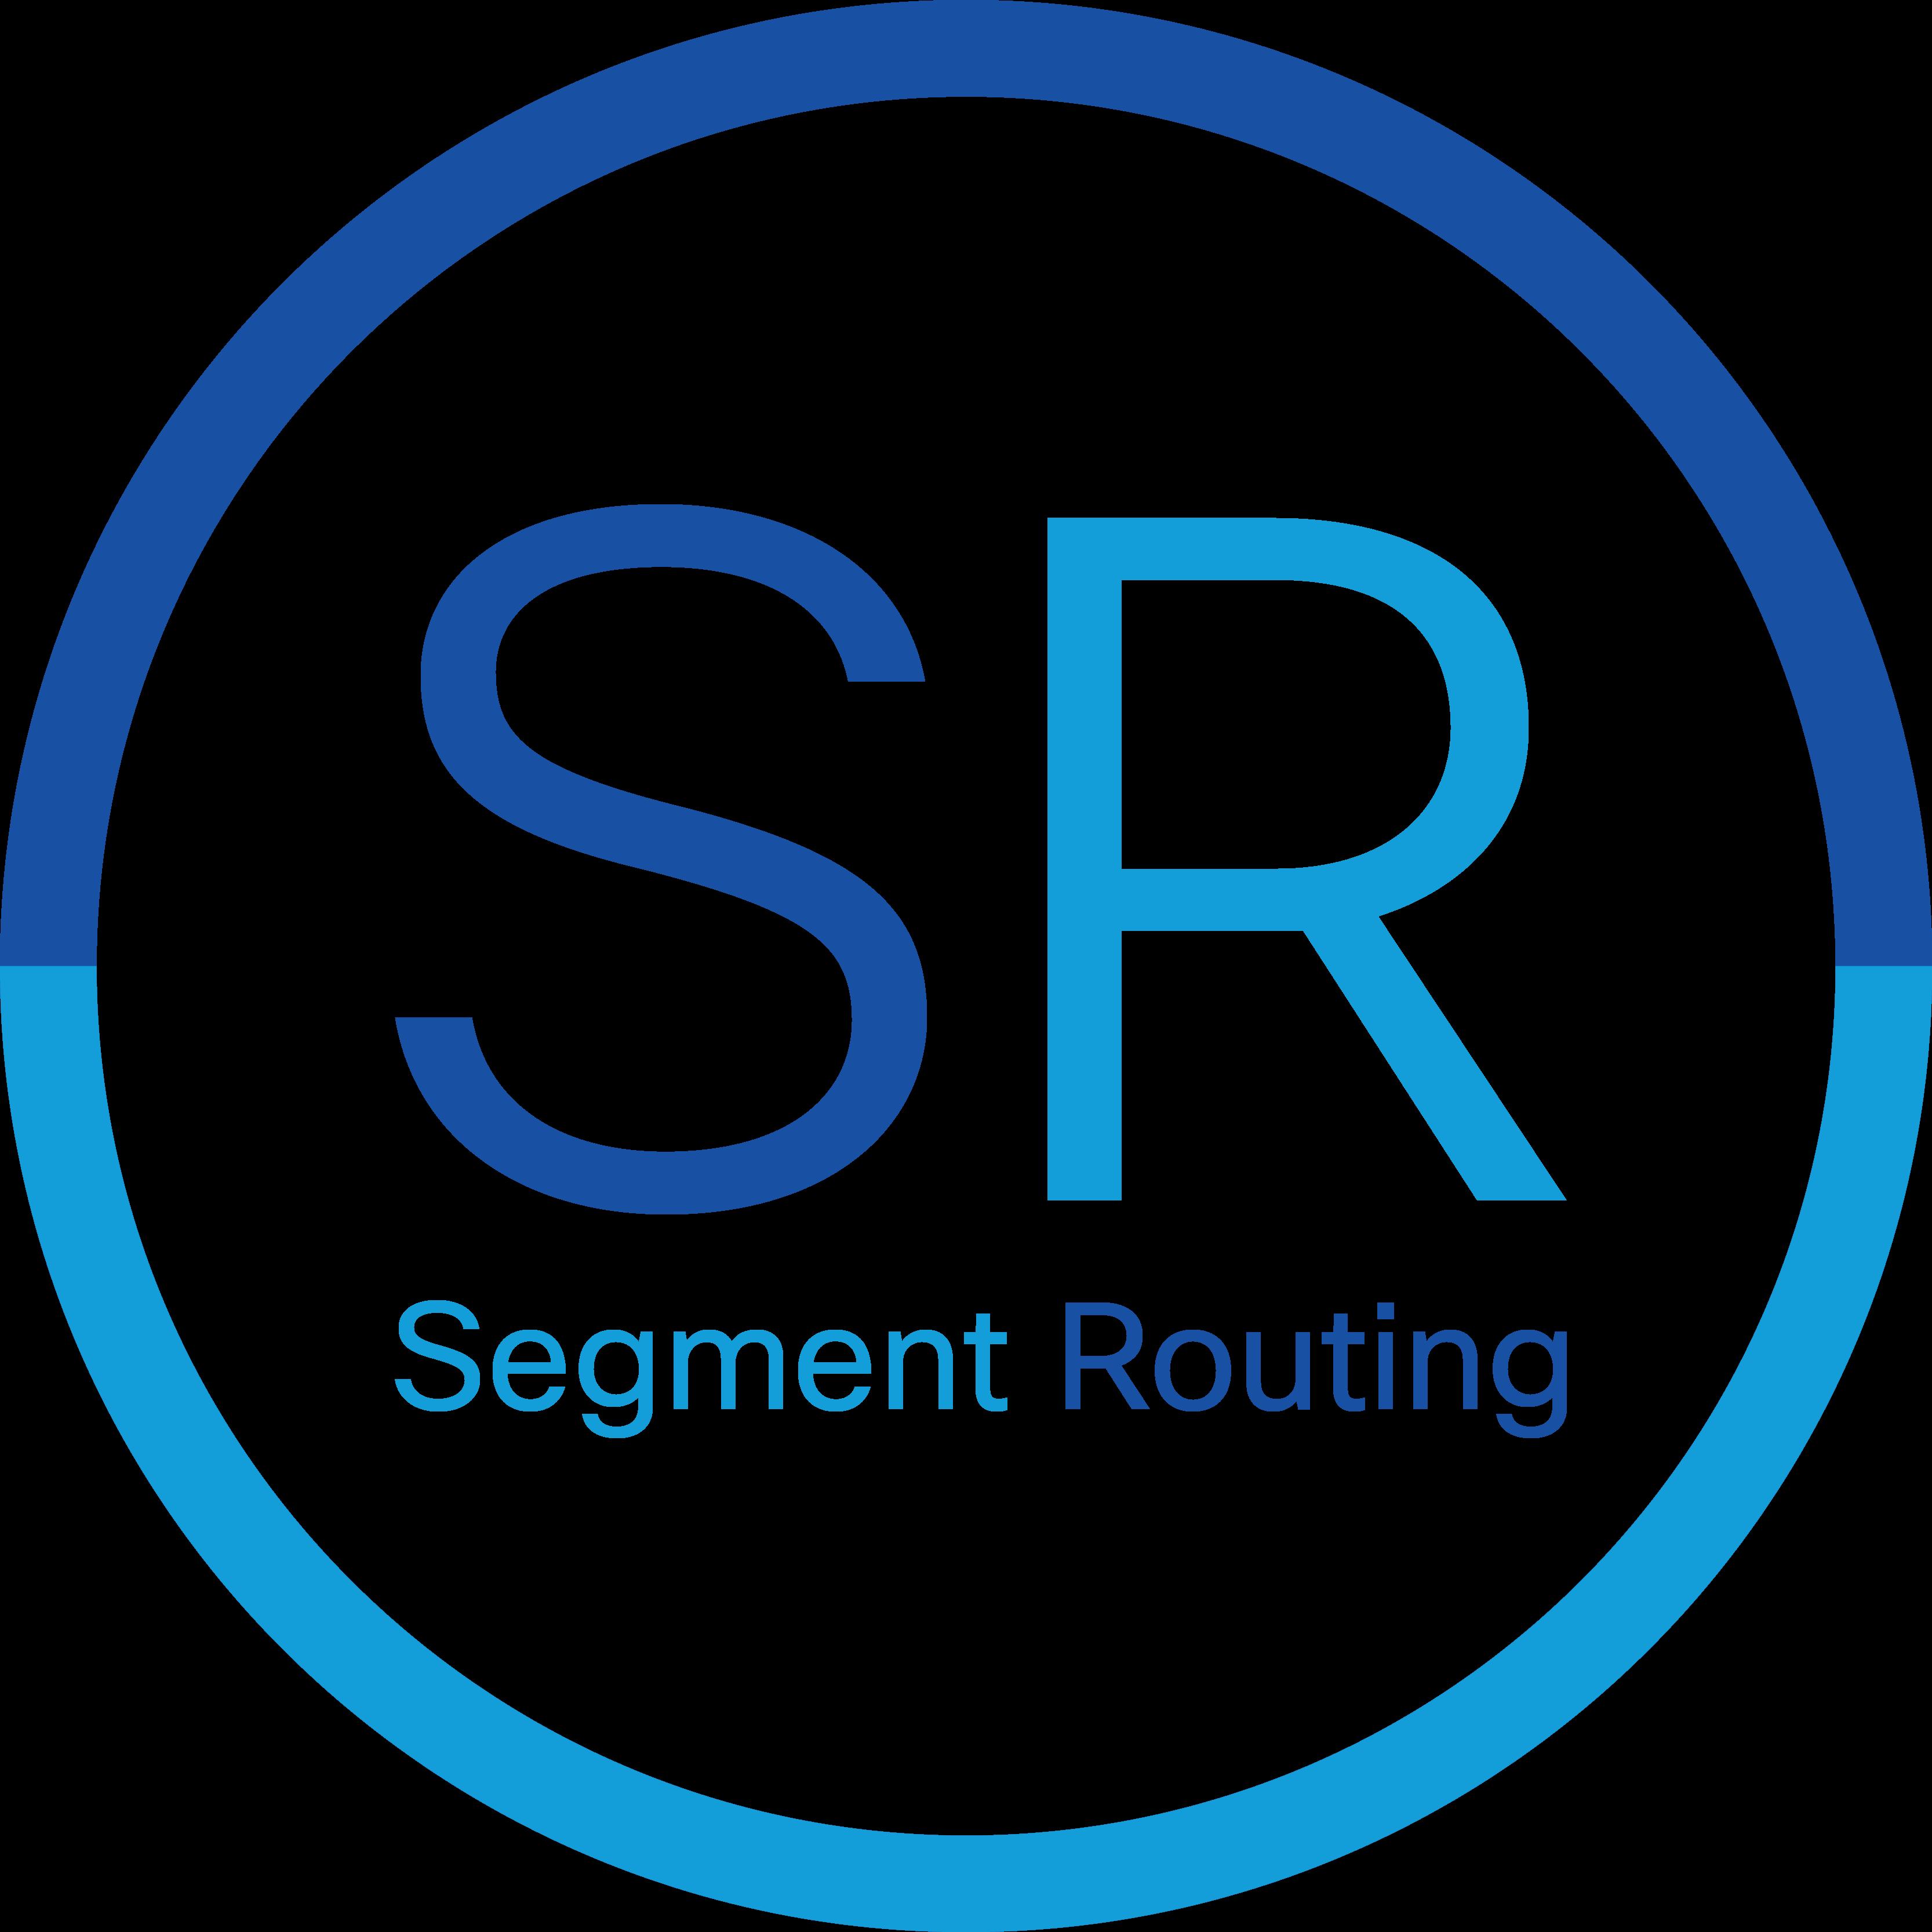 Segment-Routing logo